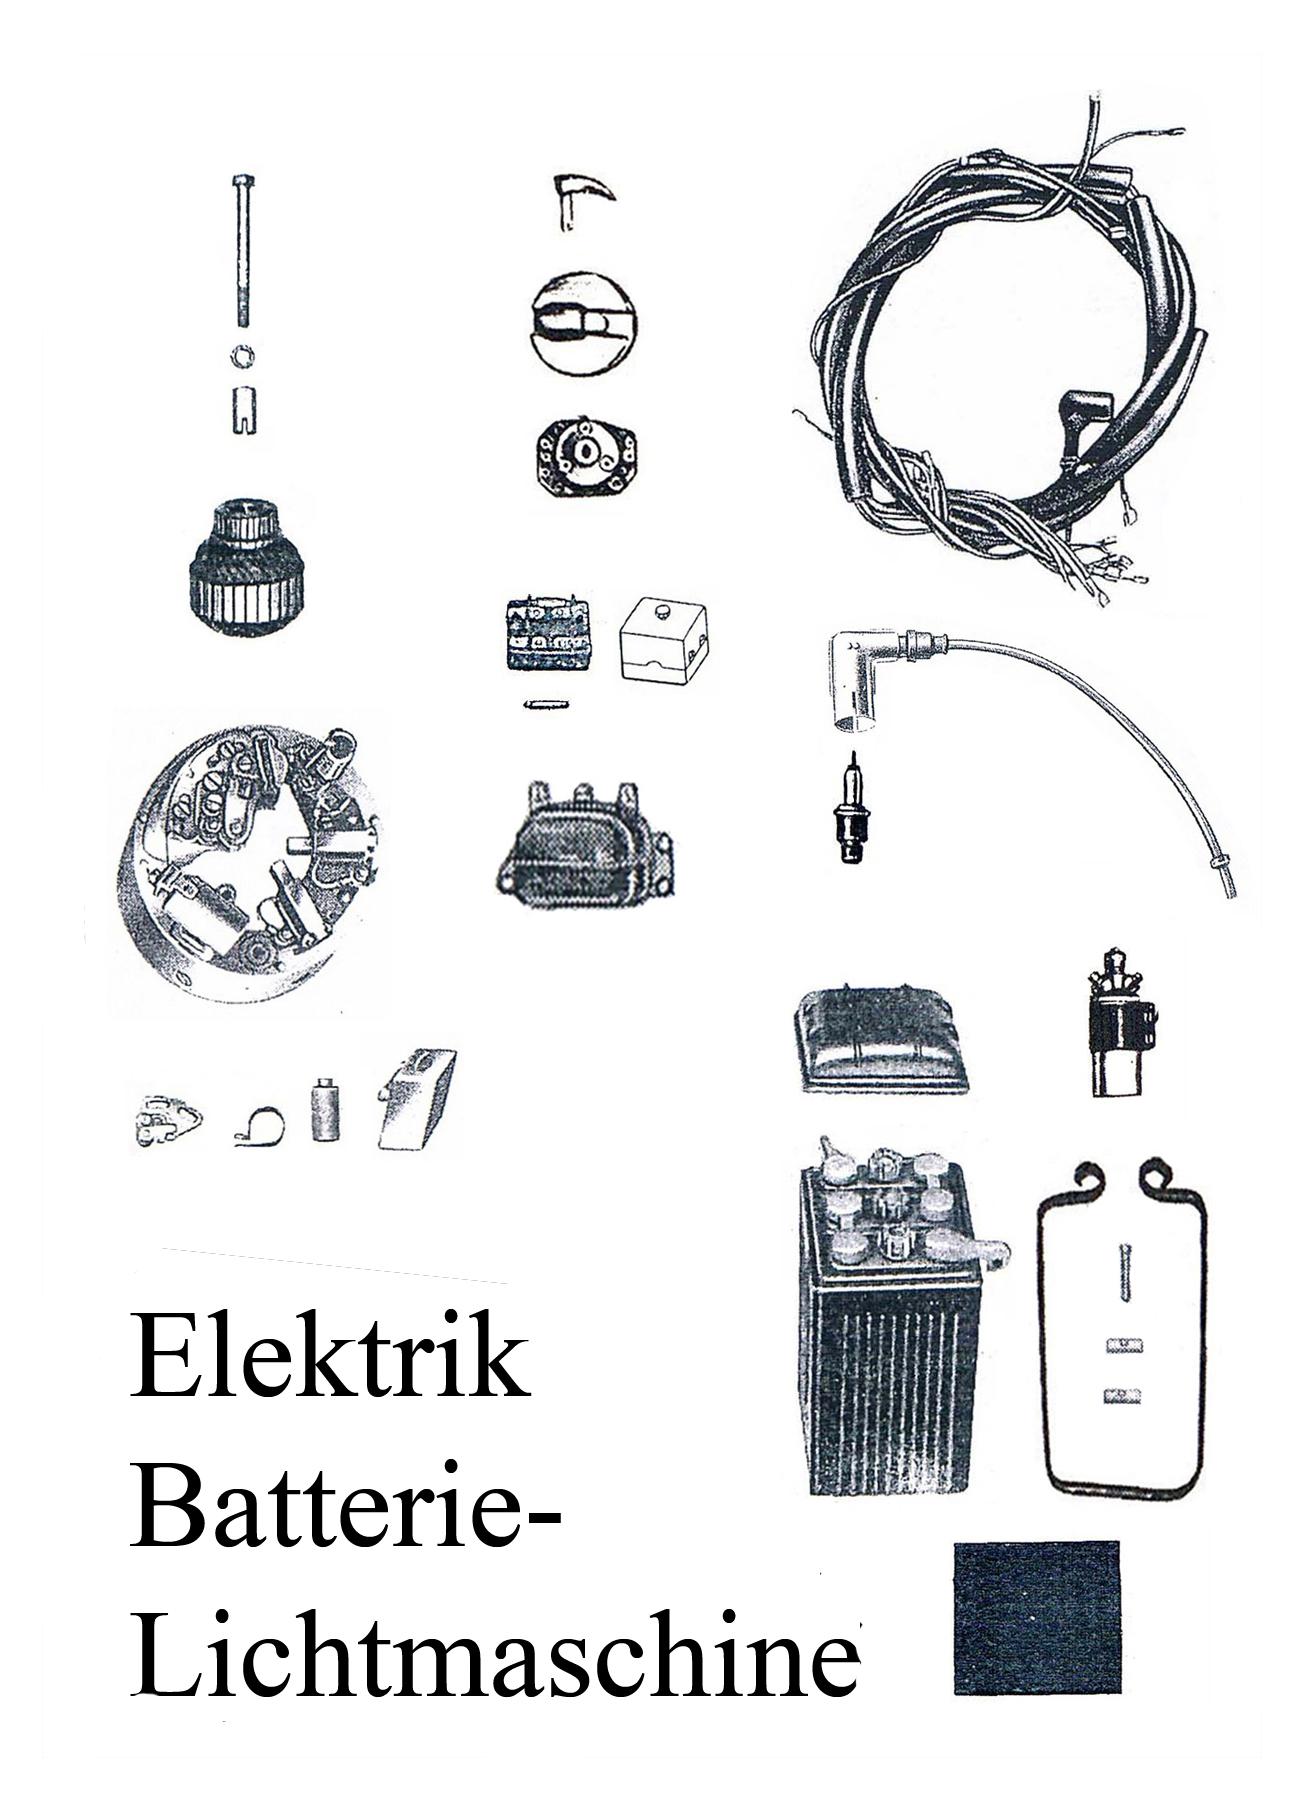 DDR-Motorrad IWL Berliner Roller SR 59 Ersatzteileliste Elektrik Batterie Kabelbaum Lichtmaschine